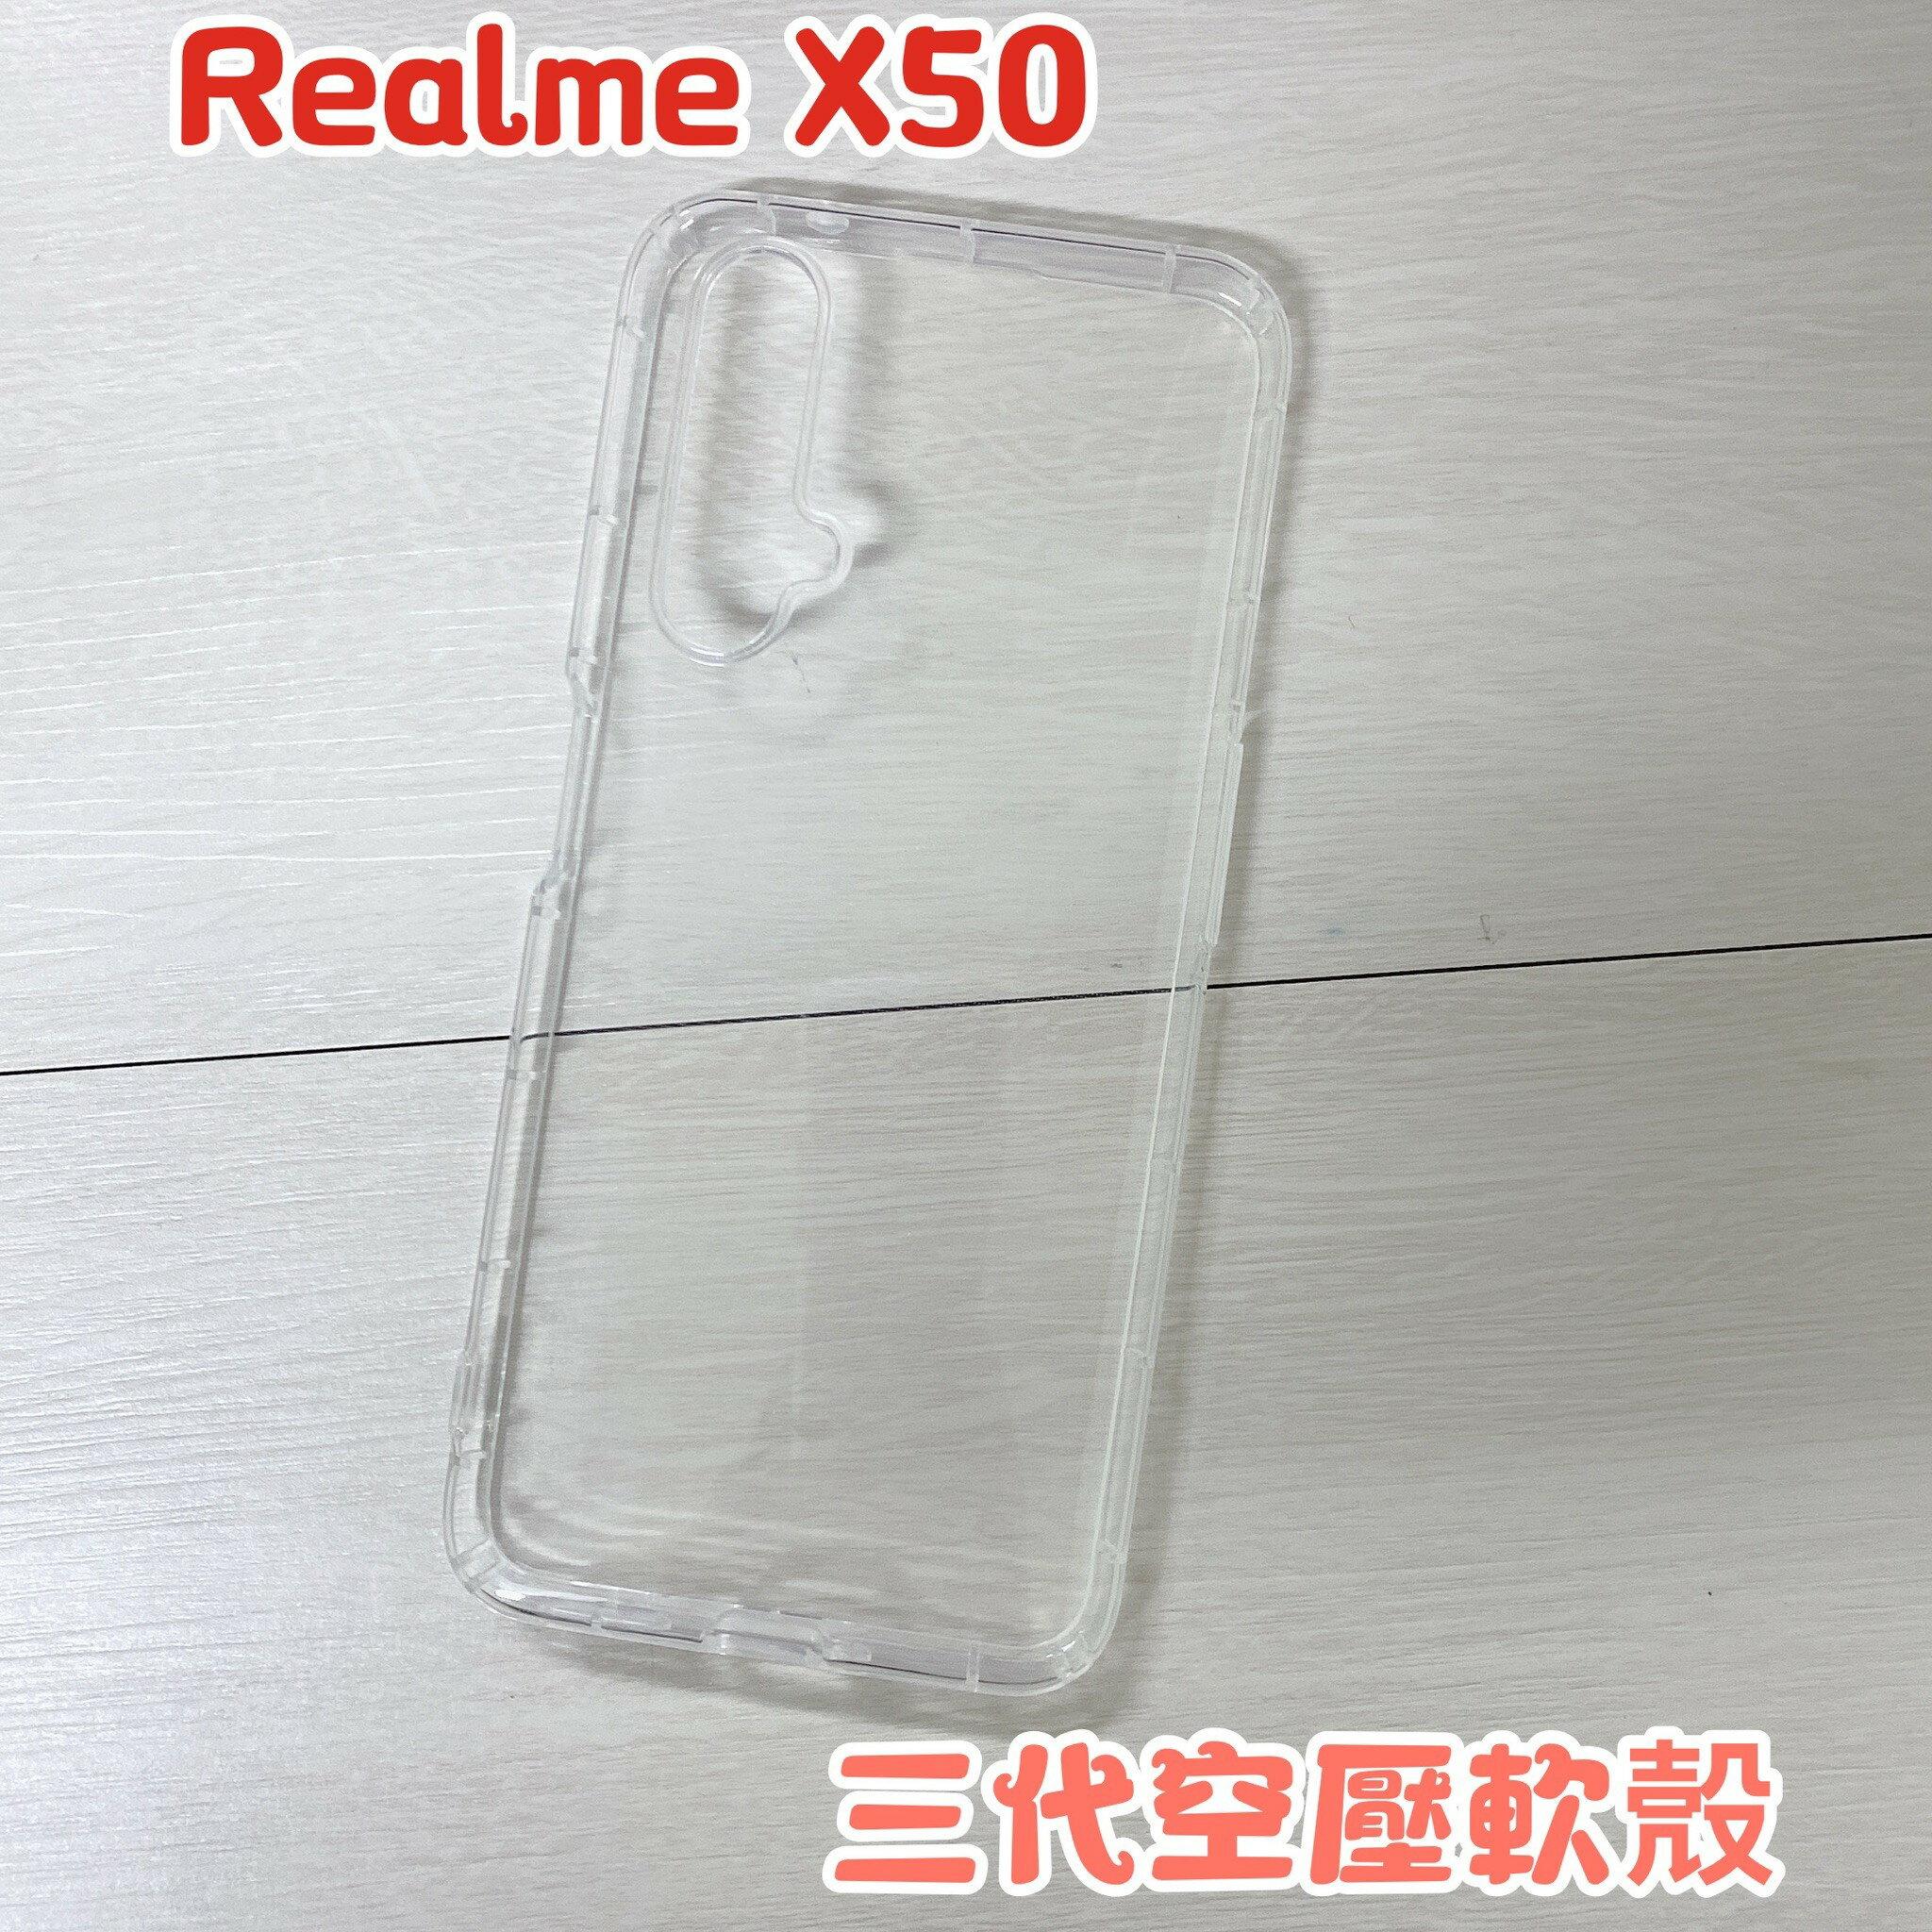 扛壩子 Realme X50 X50 5G X3 共用 三代全透明空壓殼空壓套手機殼防摔殼保護套背蓋空壓軟殼